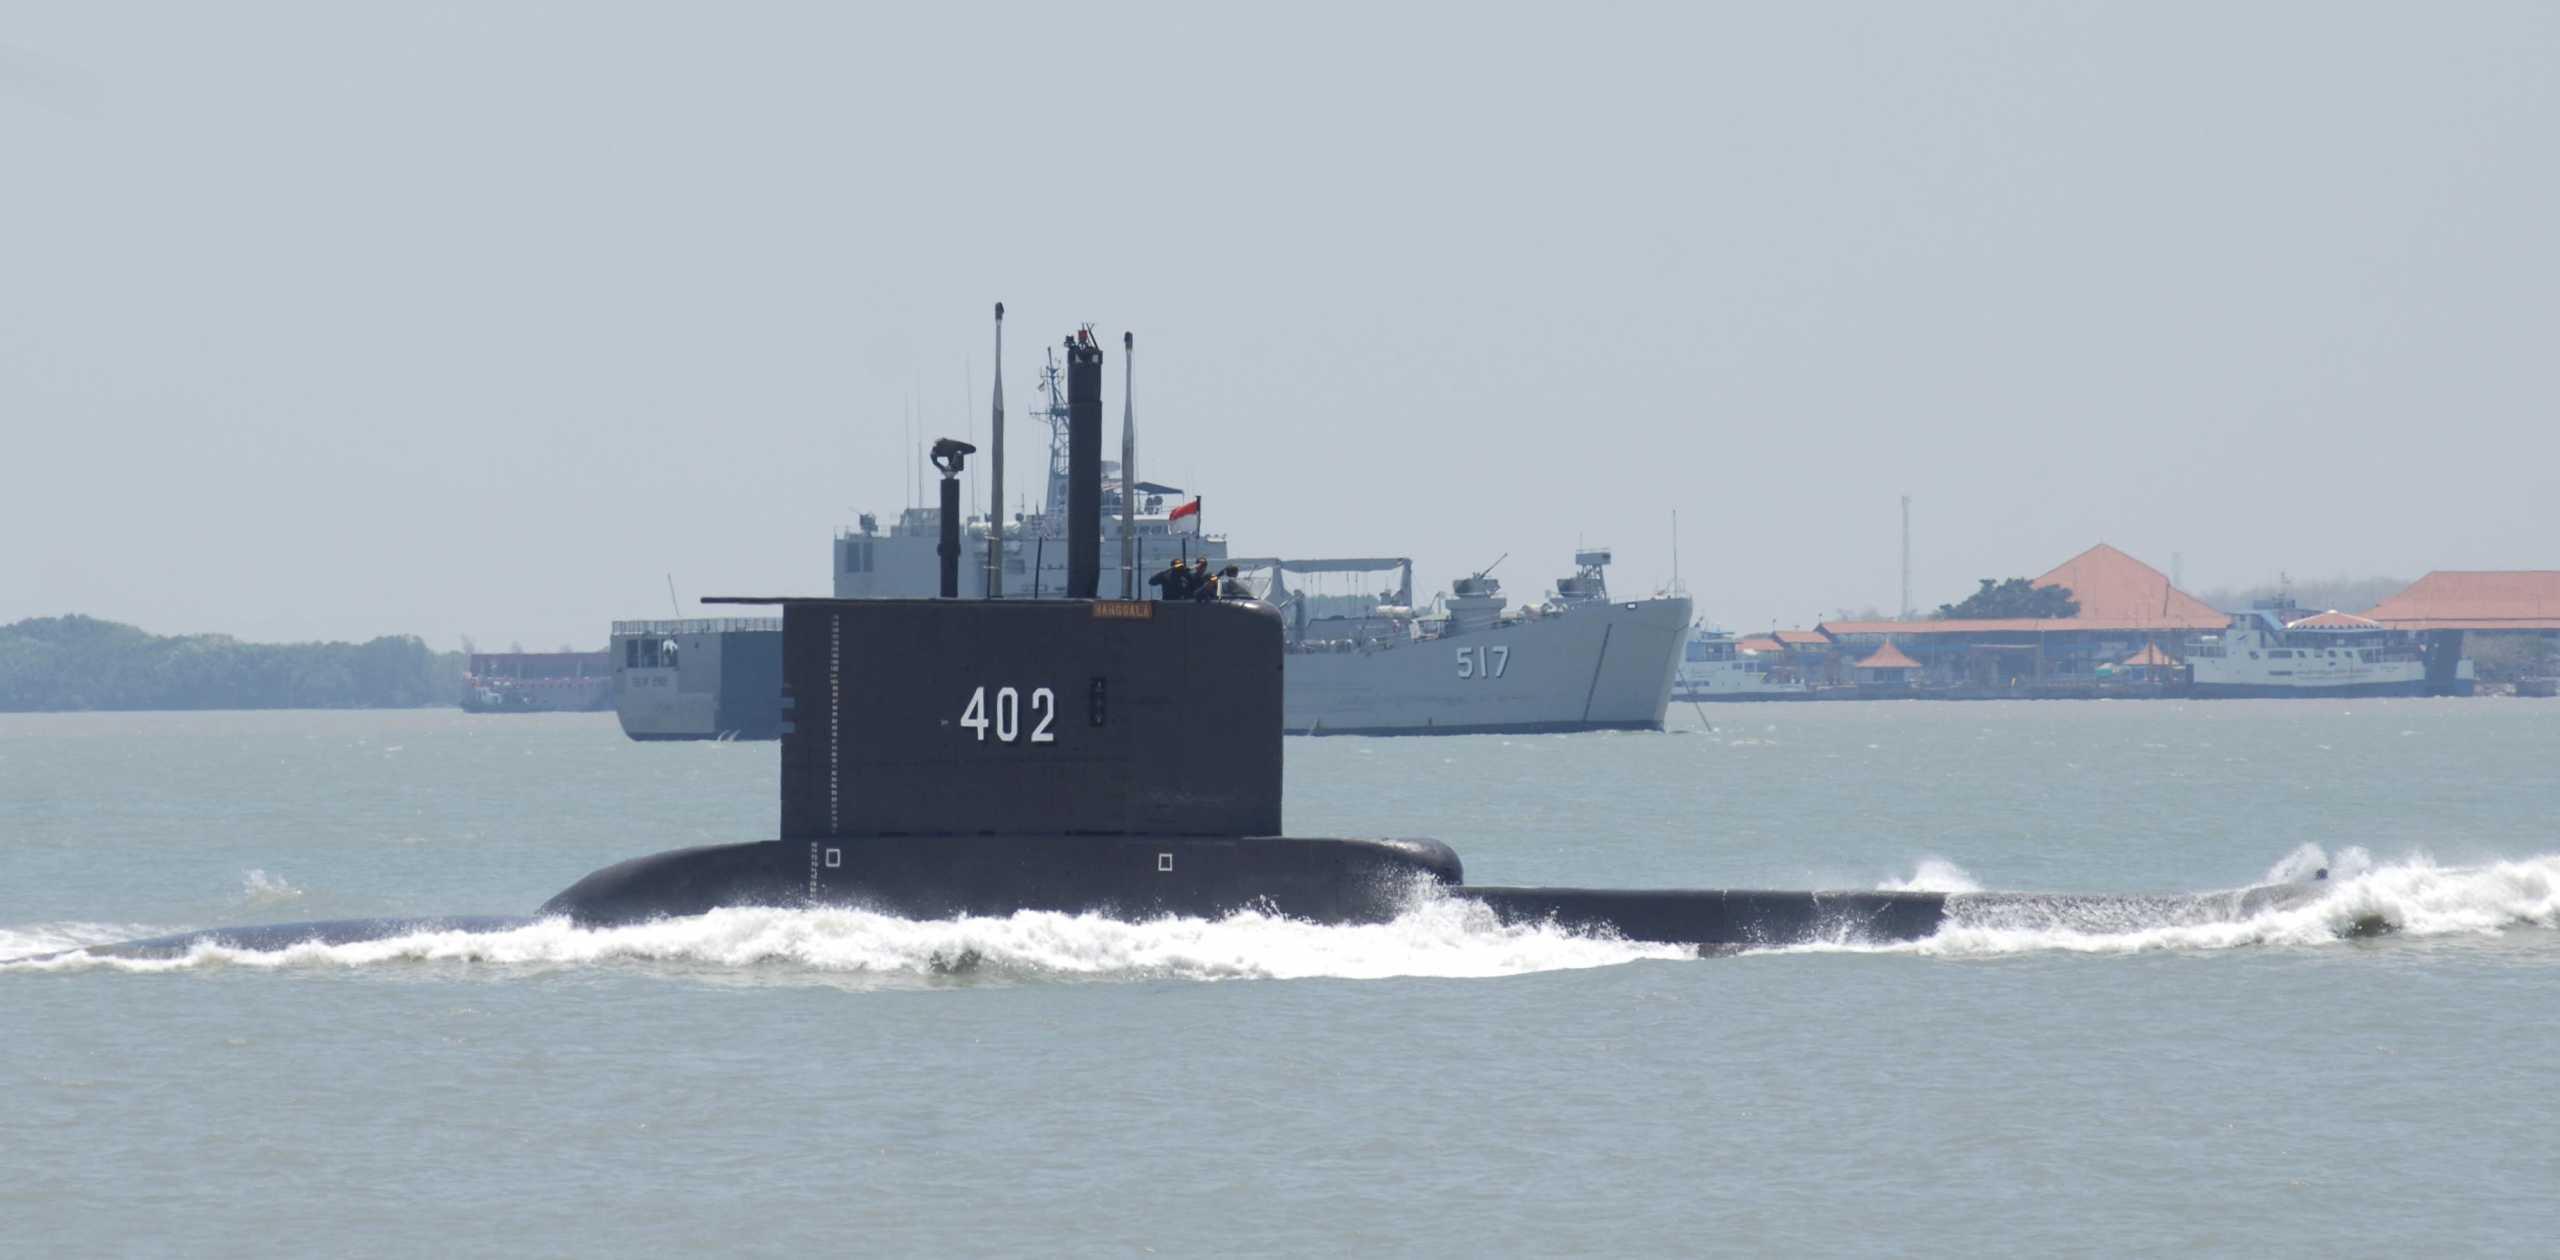 Ινδονησία: Συνεχίζεται το θρίλερ με το υποβρύχιο που αγνοείται – «Αντικείμενο» εντοπίστηκε στη θάλασσα (pics, vid)